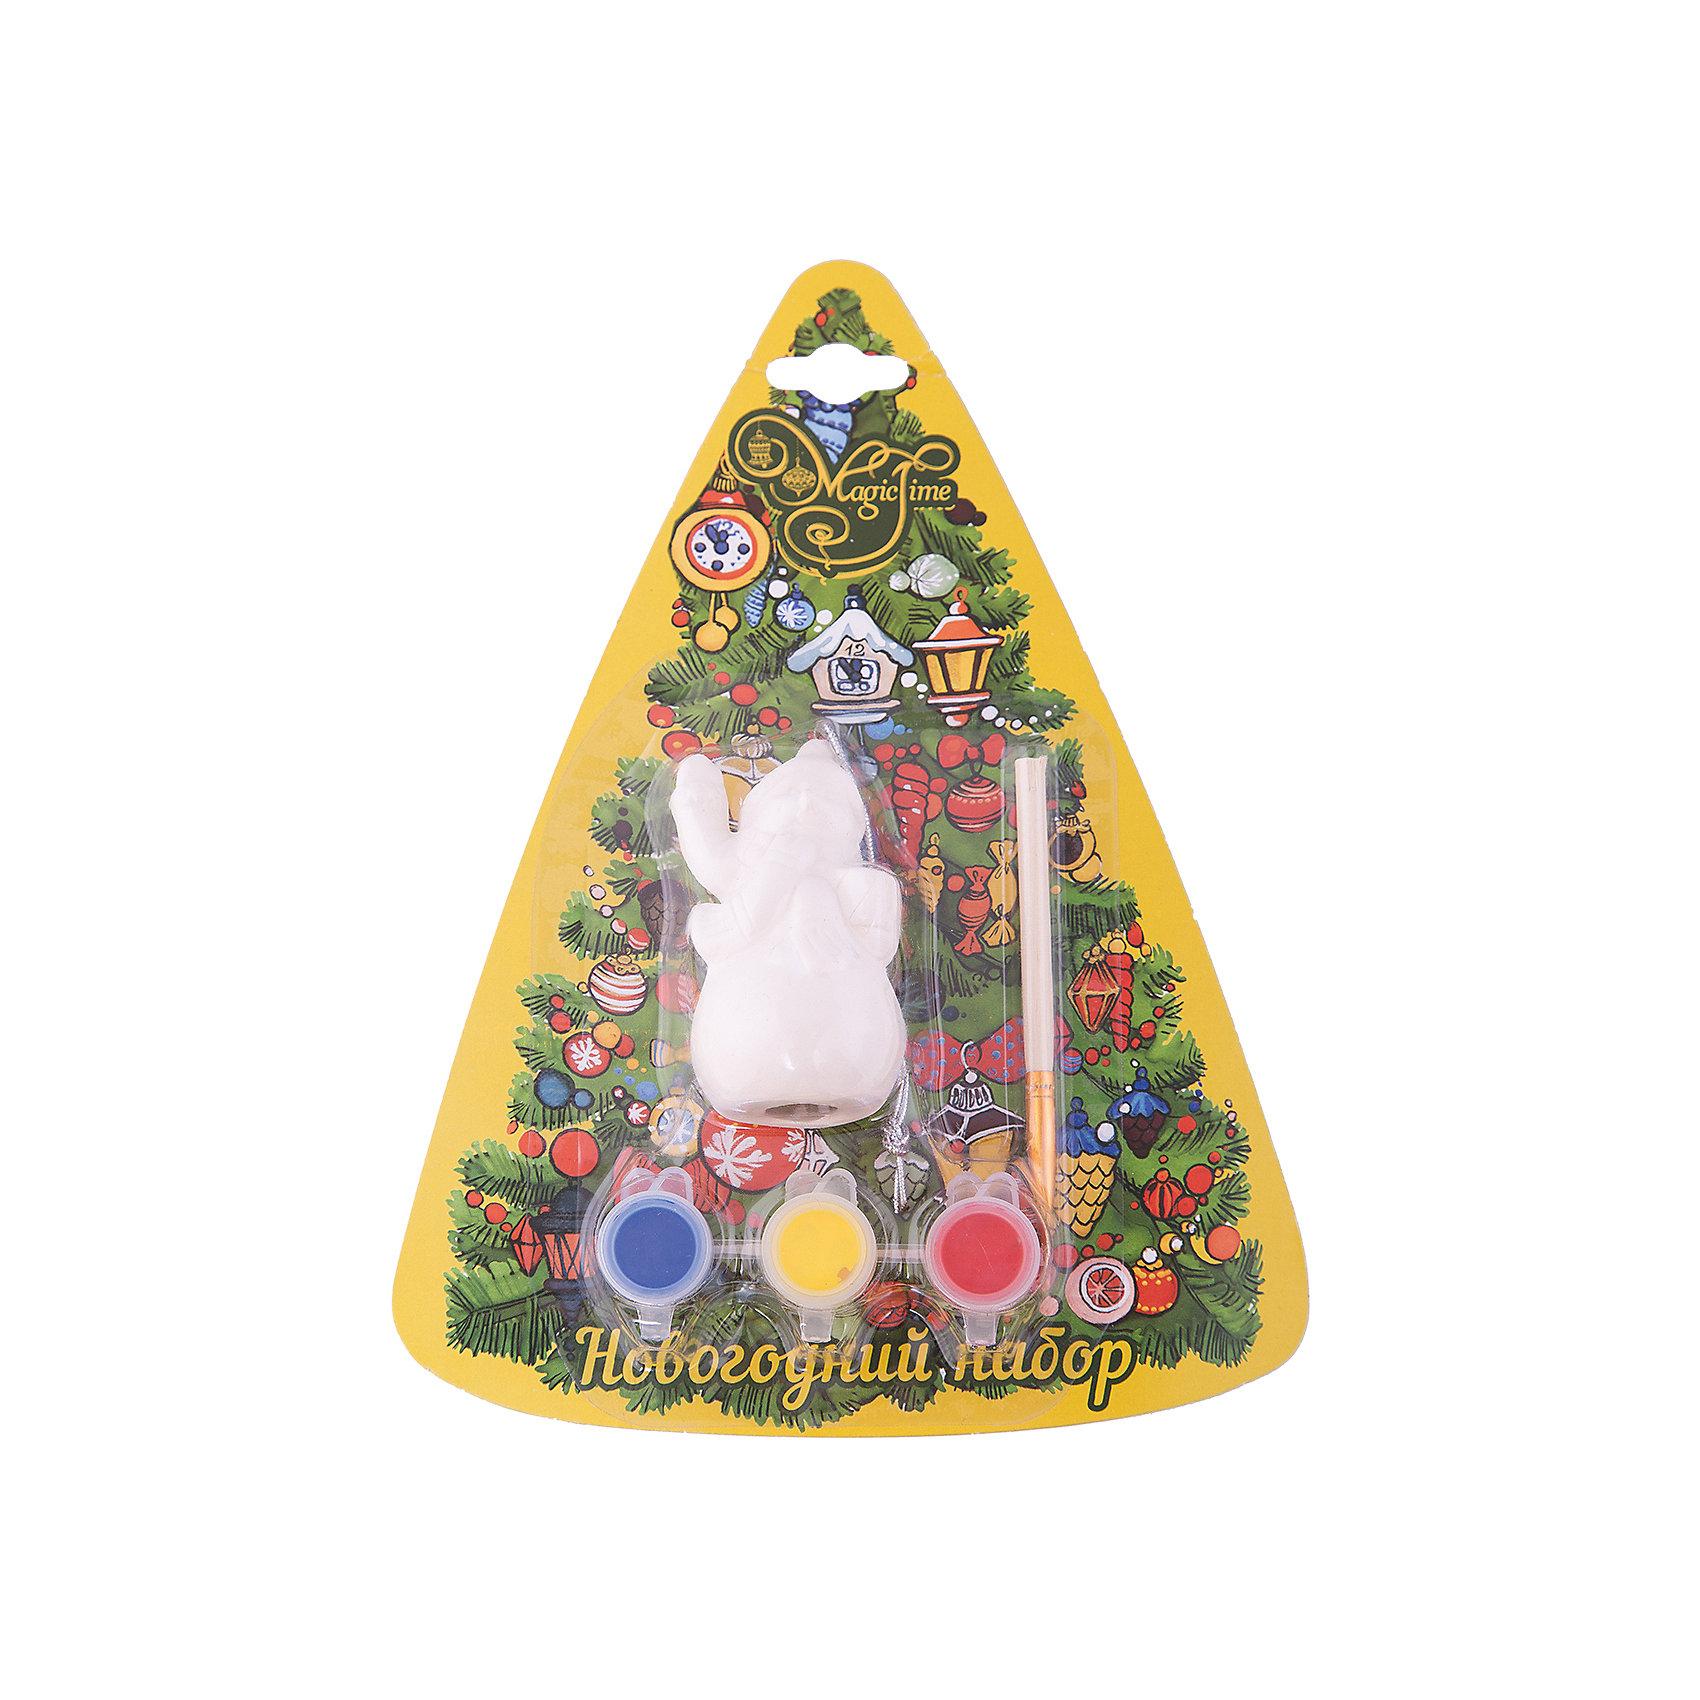 Набор для творчества СнеговикНабор для творчества Снеговик включает в себя все для создания оригинальной новогодней поделки. Яркие краски хорошо ложатся на поверхность фигурки и быстро сохнут. Фигурка, раскрашенная своими руками станет прекрасным украшением новогодней елки. Отличный вариант для новогоднего подарка! <br><br>Дополнительная информация:<br><br>- Материал: доломитовая керамика, акварельные краски, пластик. <br>- Размер: 4х3,2х7,5 см. <br>- Комплектация: фигурка, кисть, краски (3 цвета). <br><br>Набор для творчества Снеговик можно купить в нашем магазине.<br><br>Ширина мм: 40<br>Глубина мм: 32<br>Высота мм: 75<br>Вес г: 450<br>Возраст от месяцев: 36<br>Возраст до месяцев: 2147483647<br>Пол: Унисекс<br>Возраст: Детский<br>SKU: 4981332